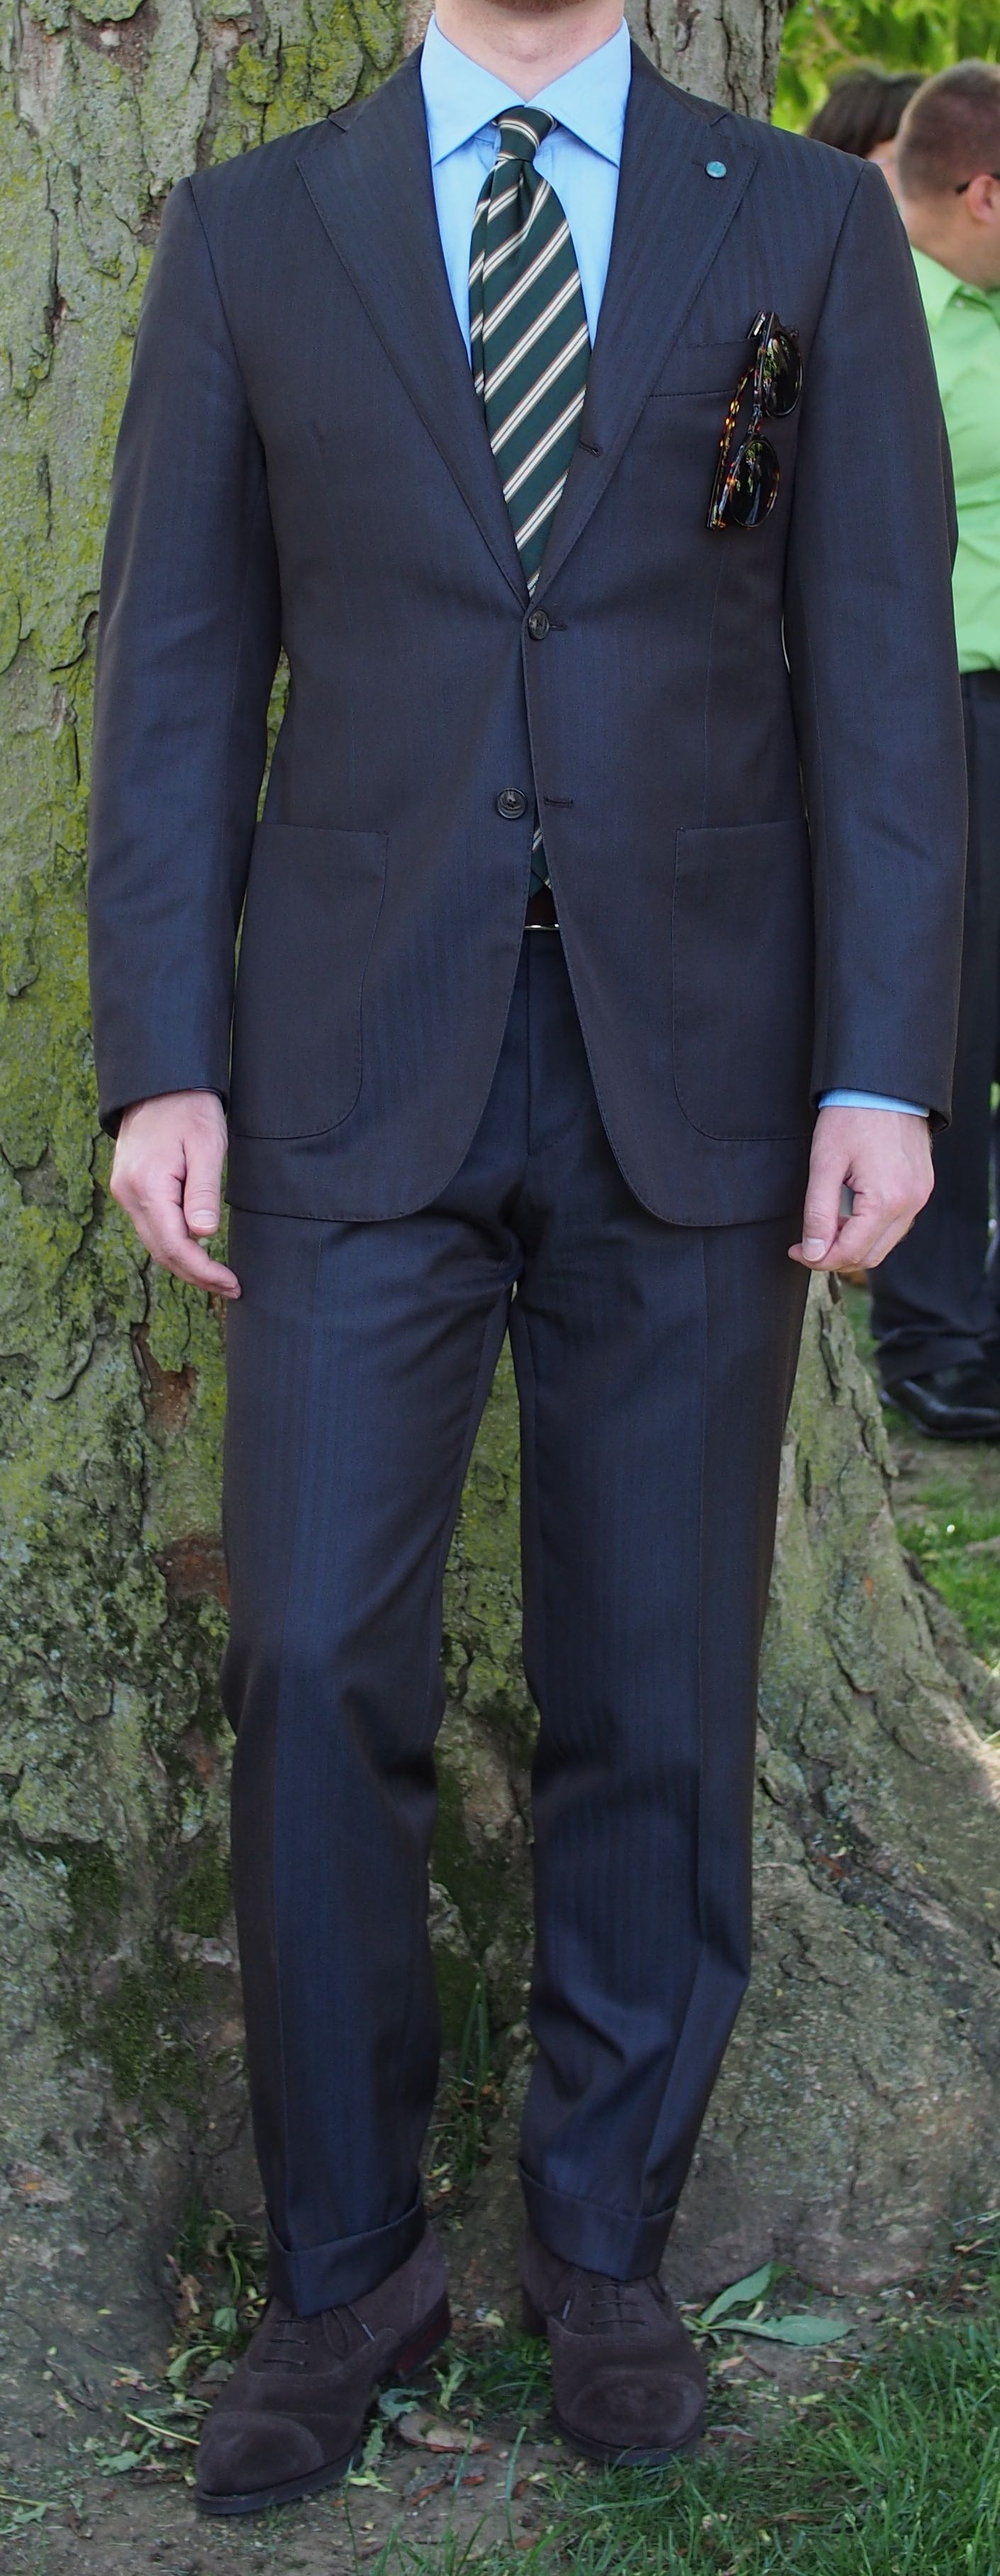 heldentenor's photos in Eidos Brown Solaro Wool Suit -- IT48/US 38